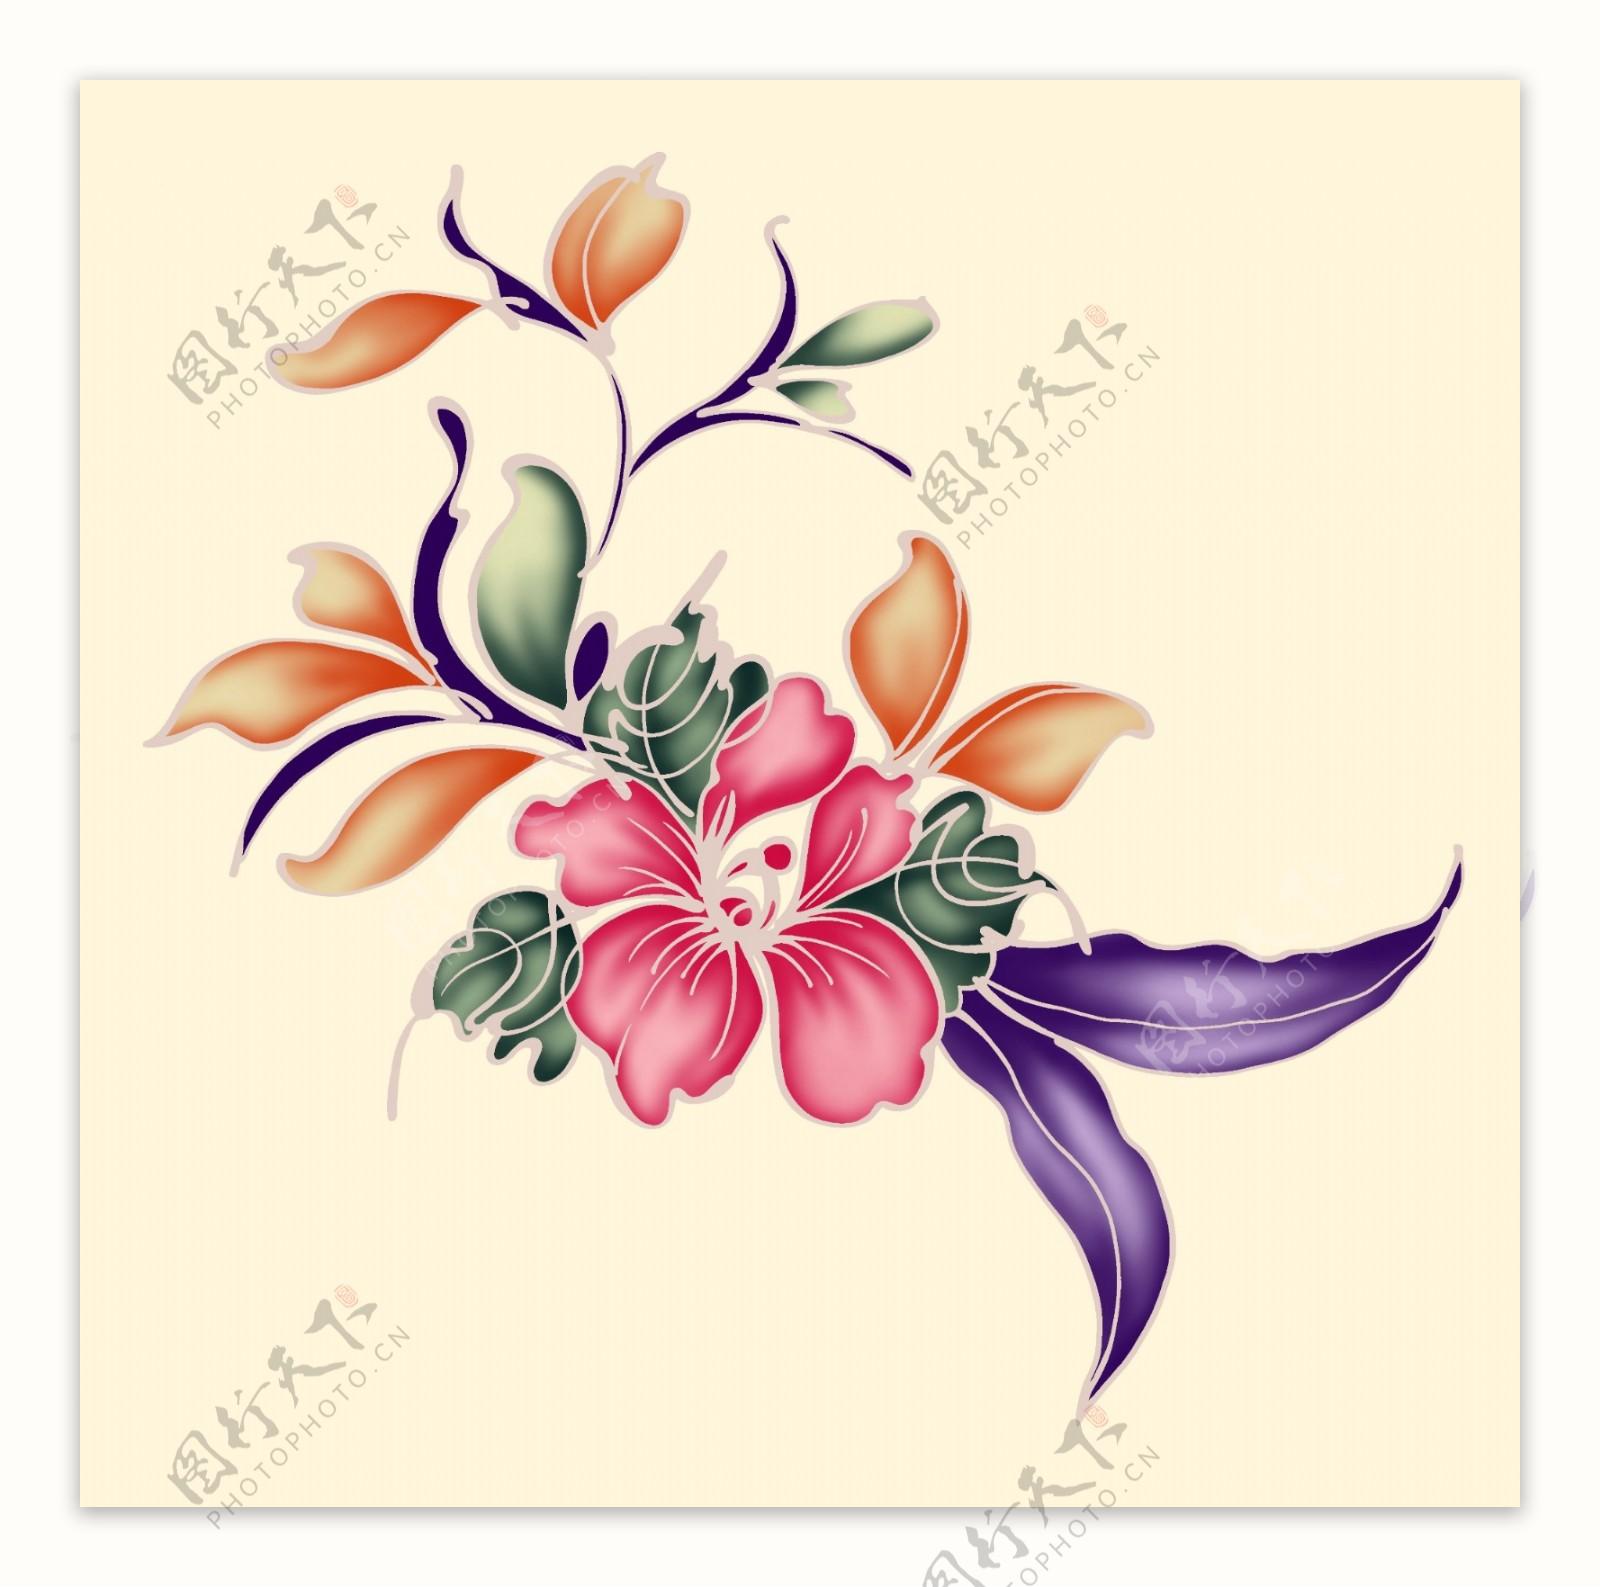 抽象水墨花素材花背景花素材图片